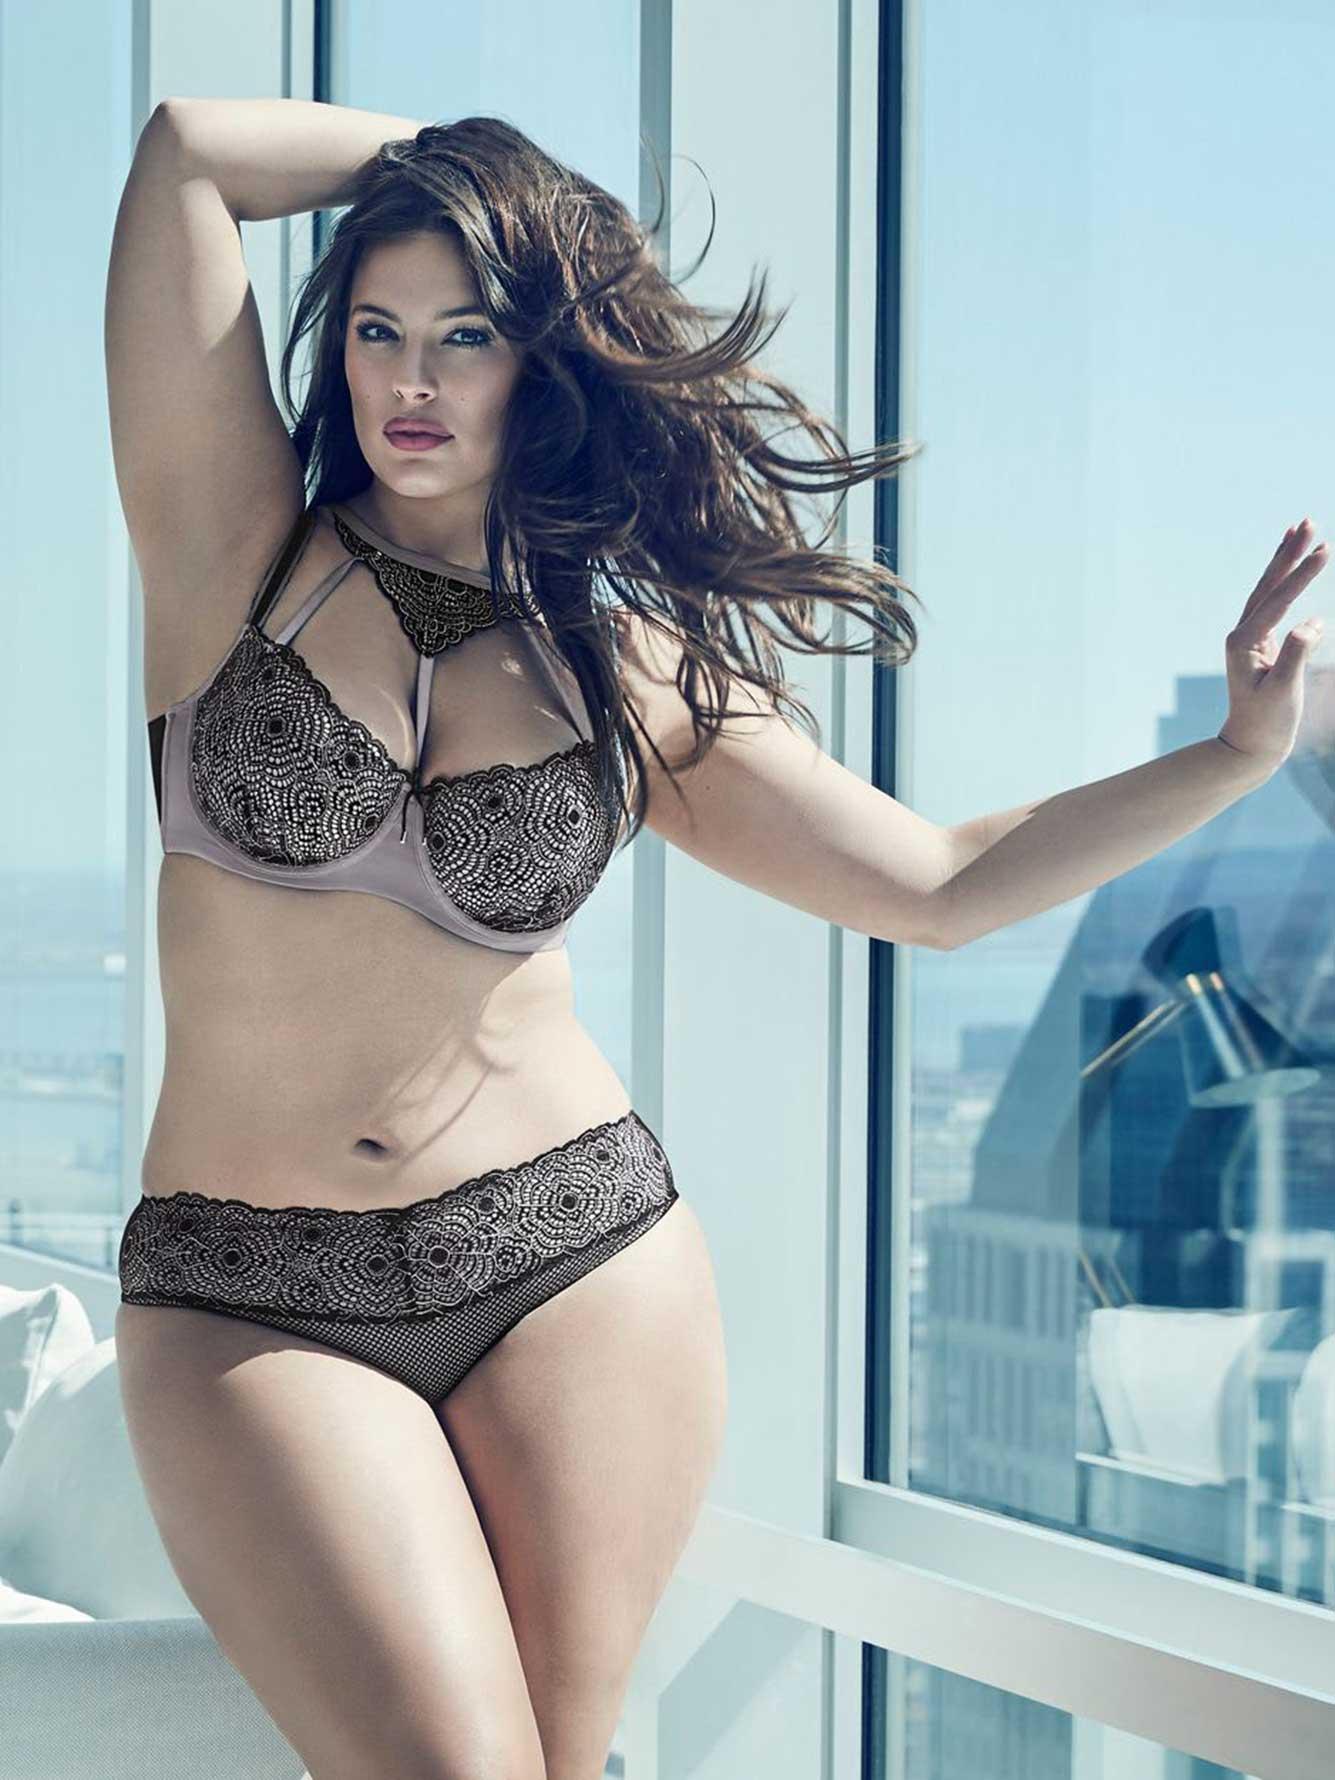 ashley graham diva bra with web lace addition elle. Black Bedroom Furniture Sets. Home Design Ideas